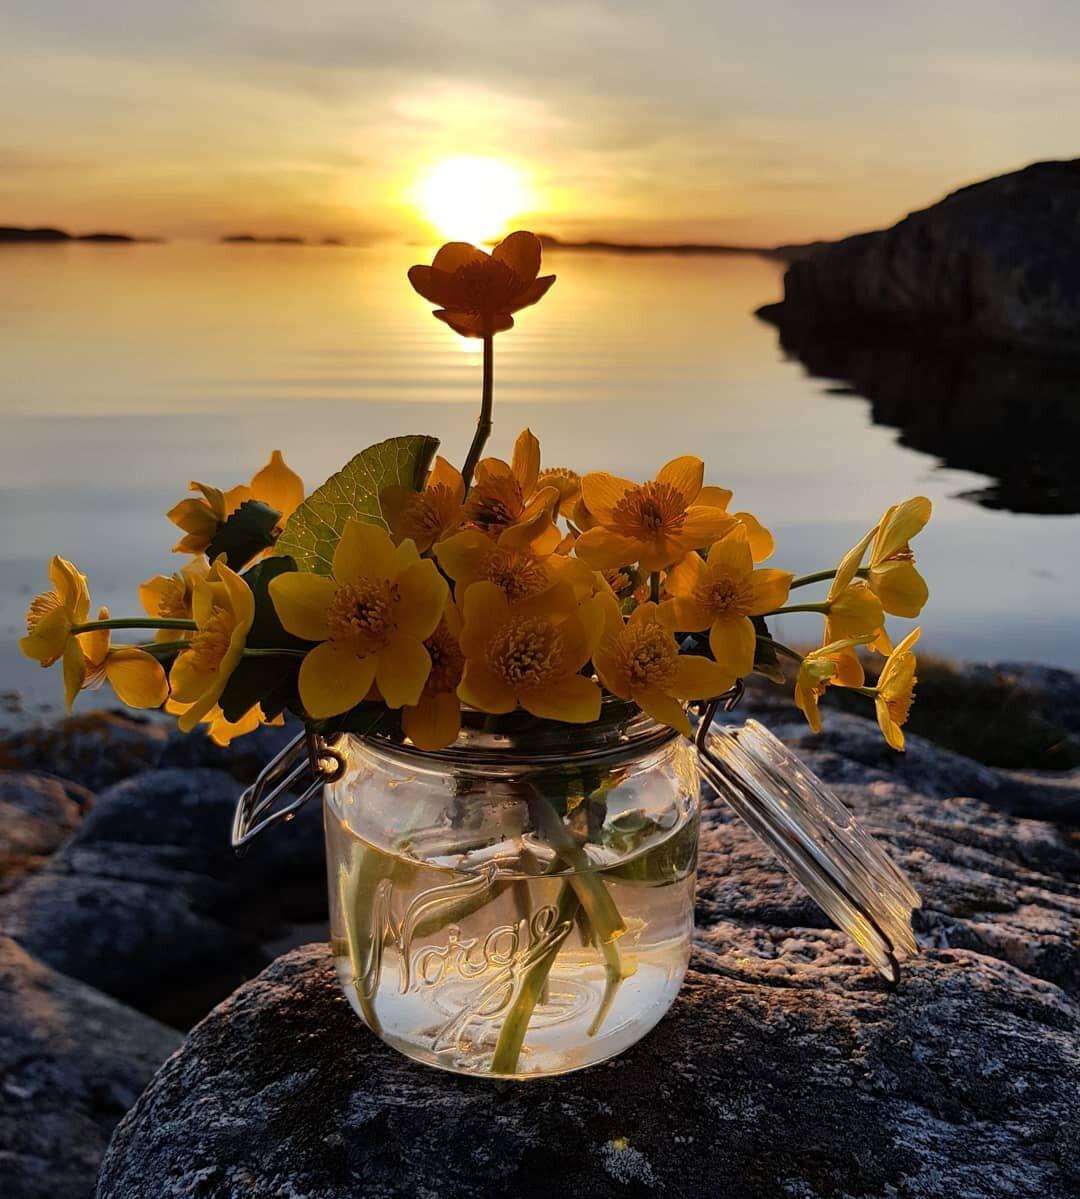 омолаживание тканевыми позитивные картинки с пожеланиями чудесного летнего вечера здоровых печеночных